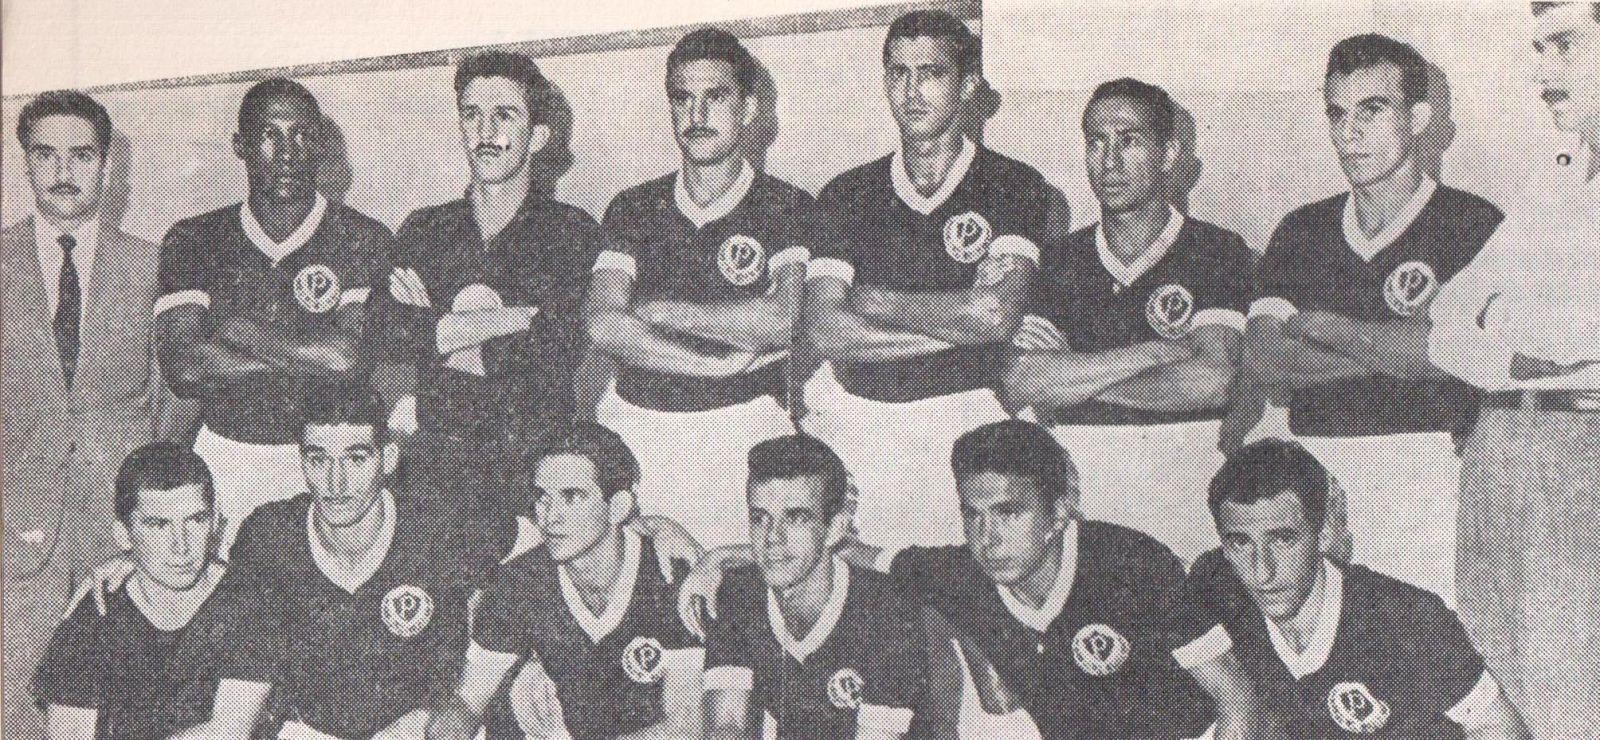 Em pé: Djalma Santos, Valdir, Valdemar Carabina, Aldemar, Zequinha e Jorge; agachados: Julinho, Humberto Tozzi, Romeiro, Chinesinho e Cruz